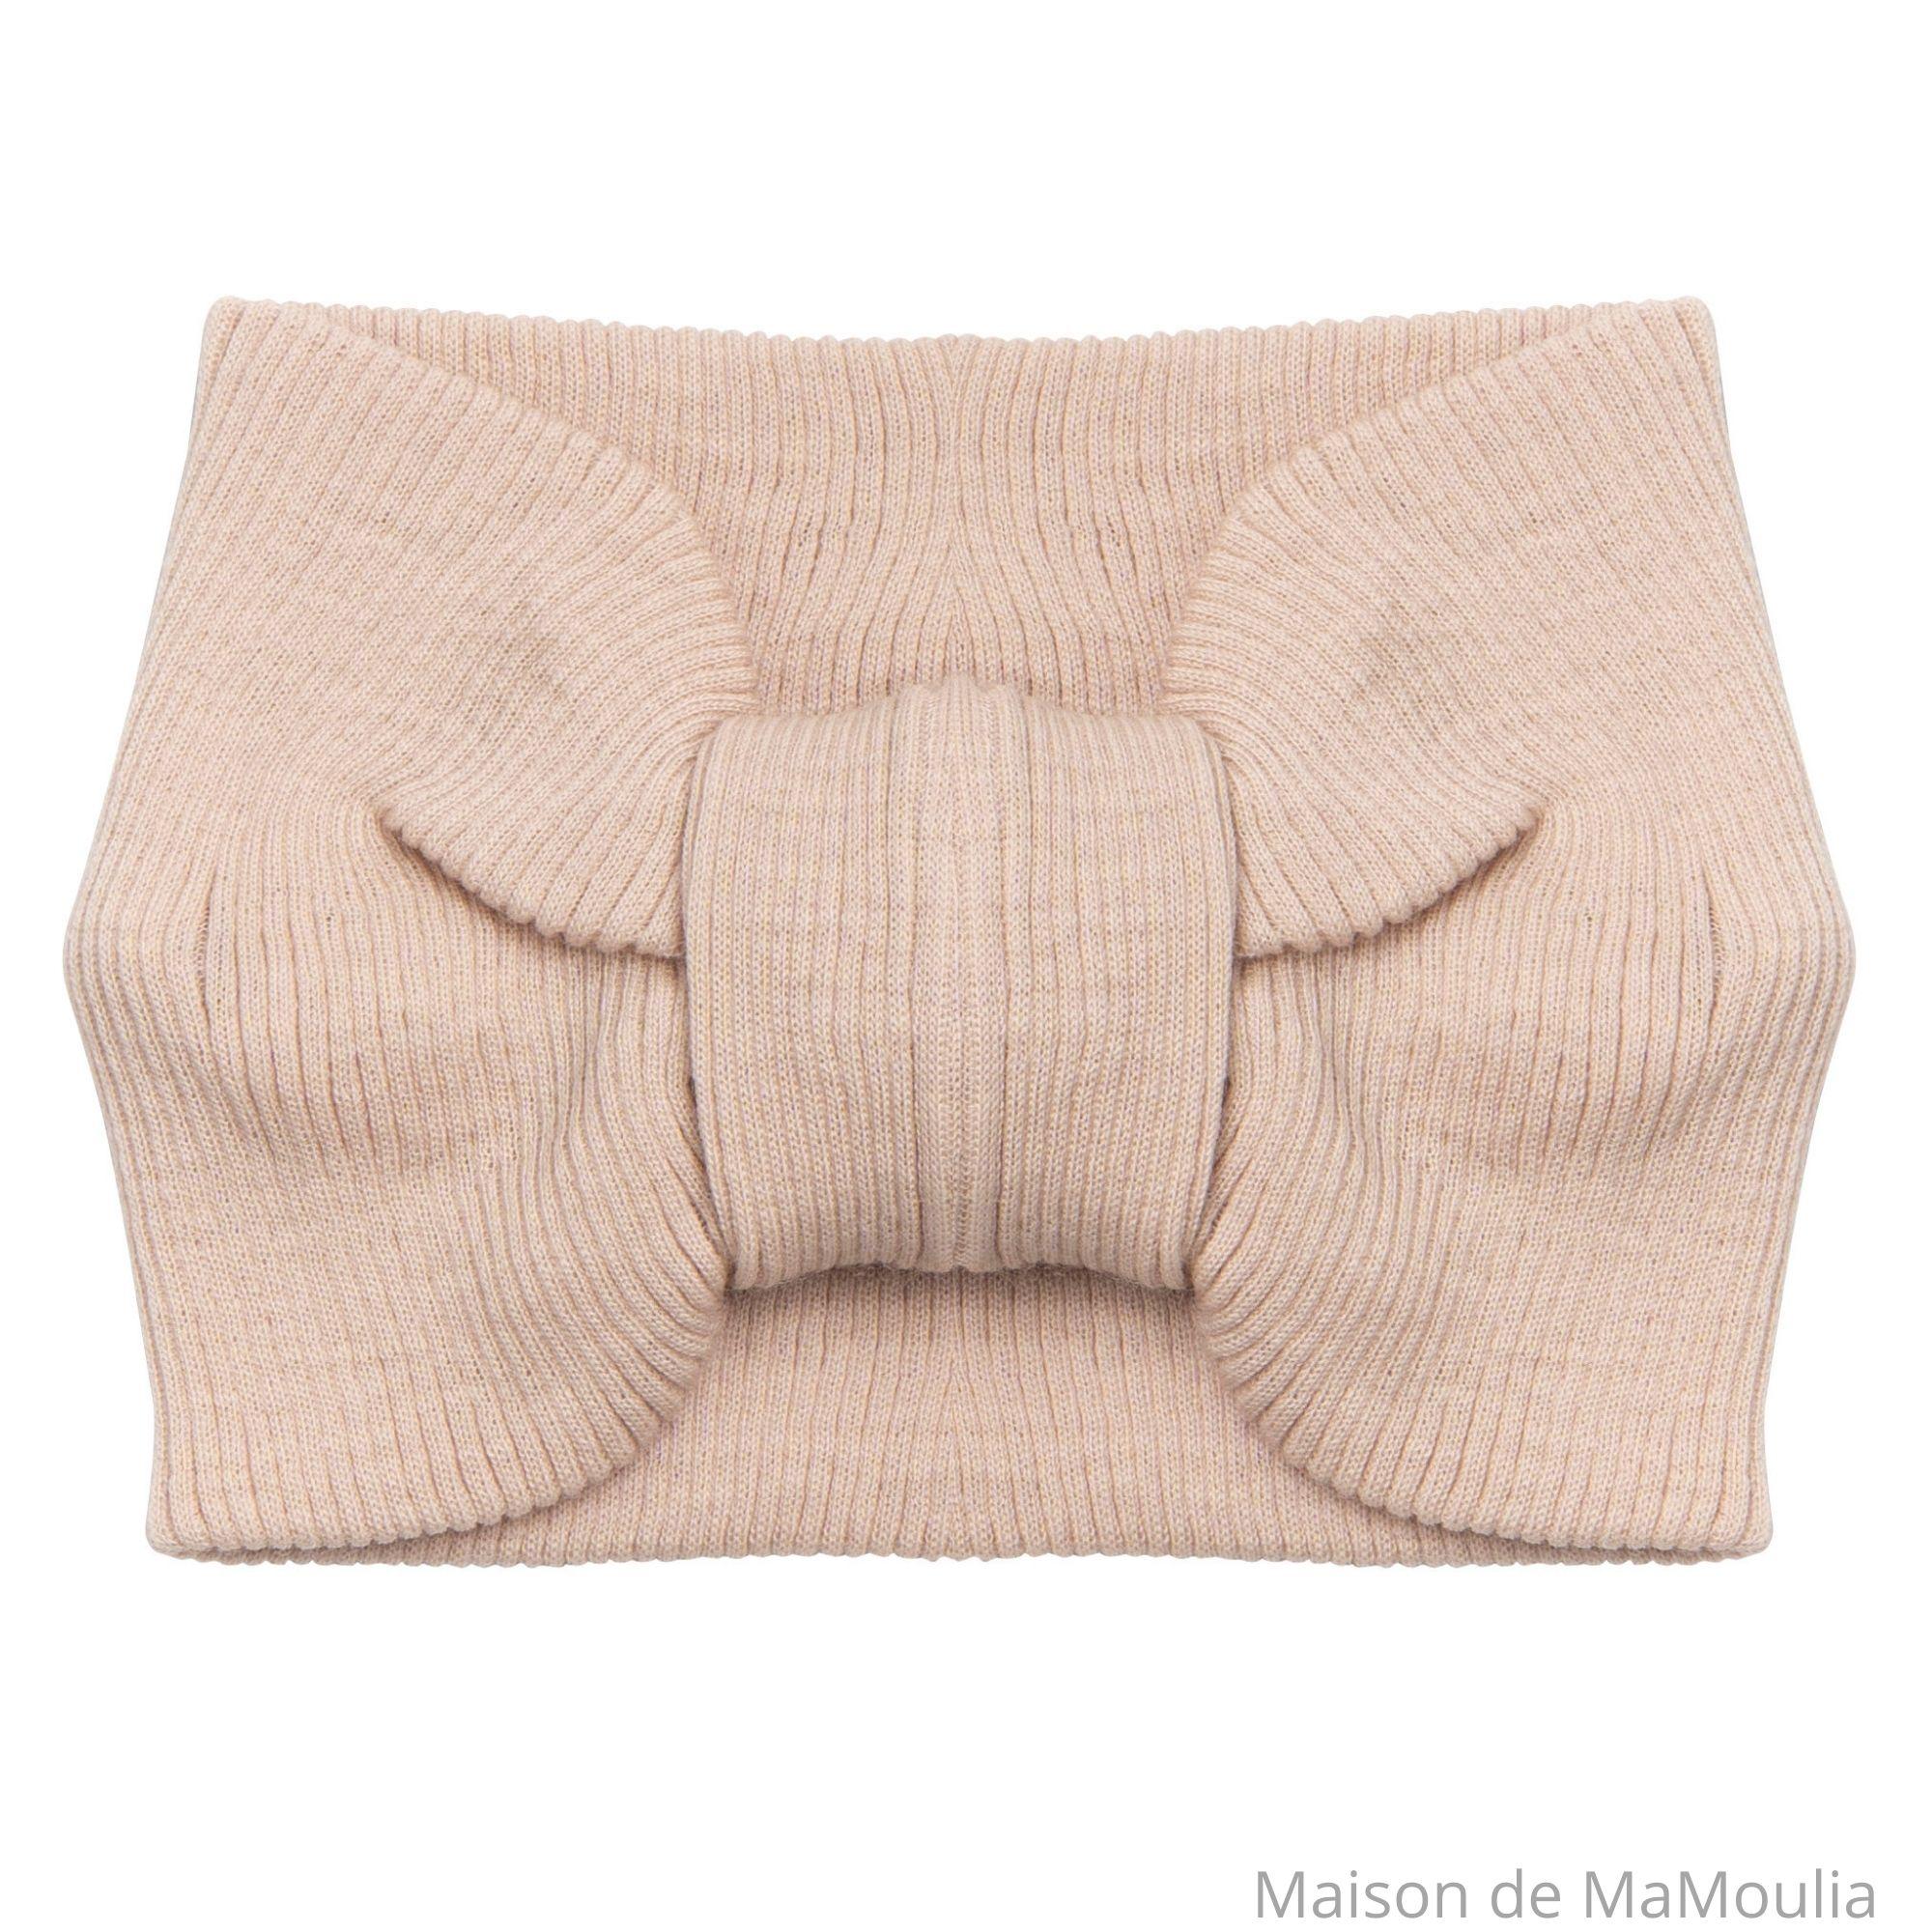 MINIMALISMA - Bandeau pour femme - 100% laine mérinos - Sable